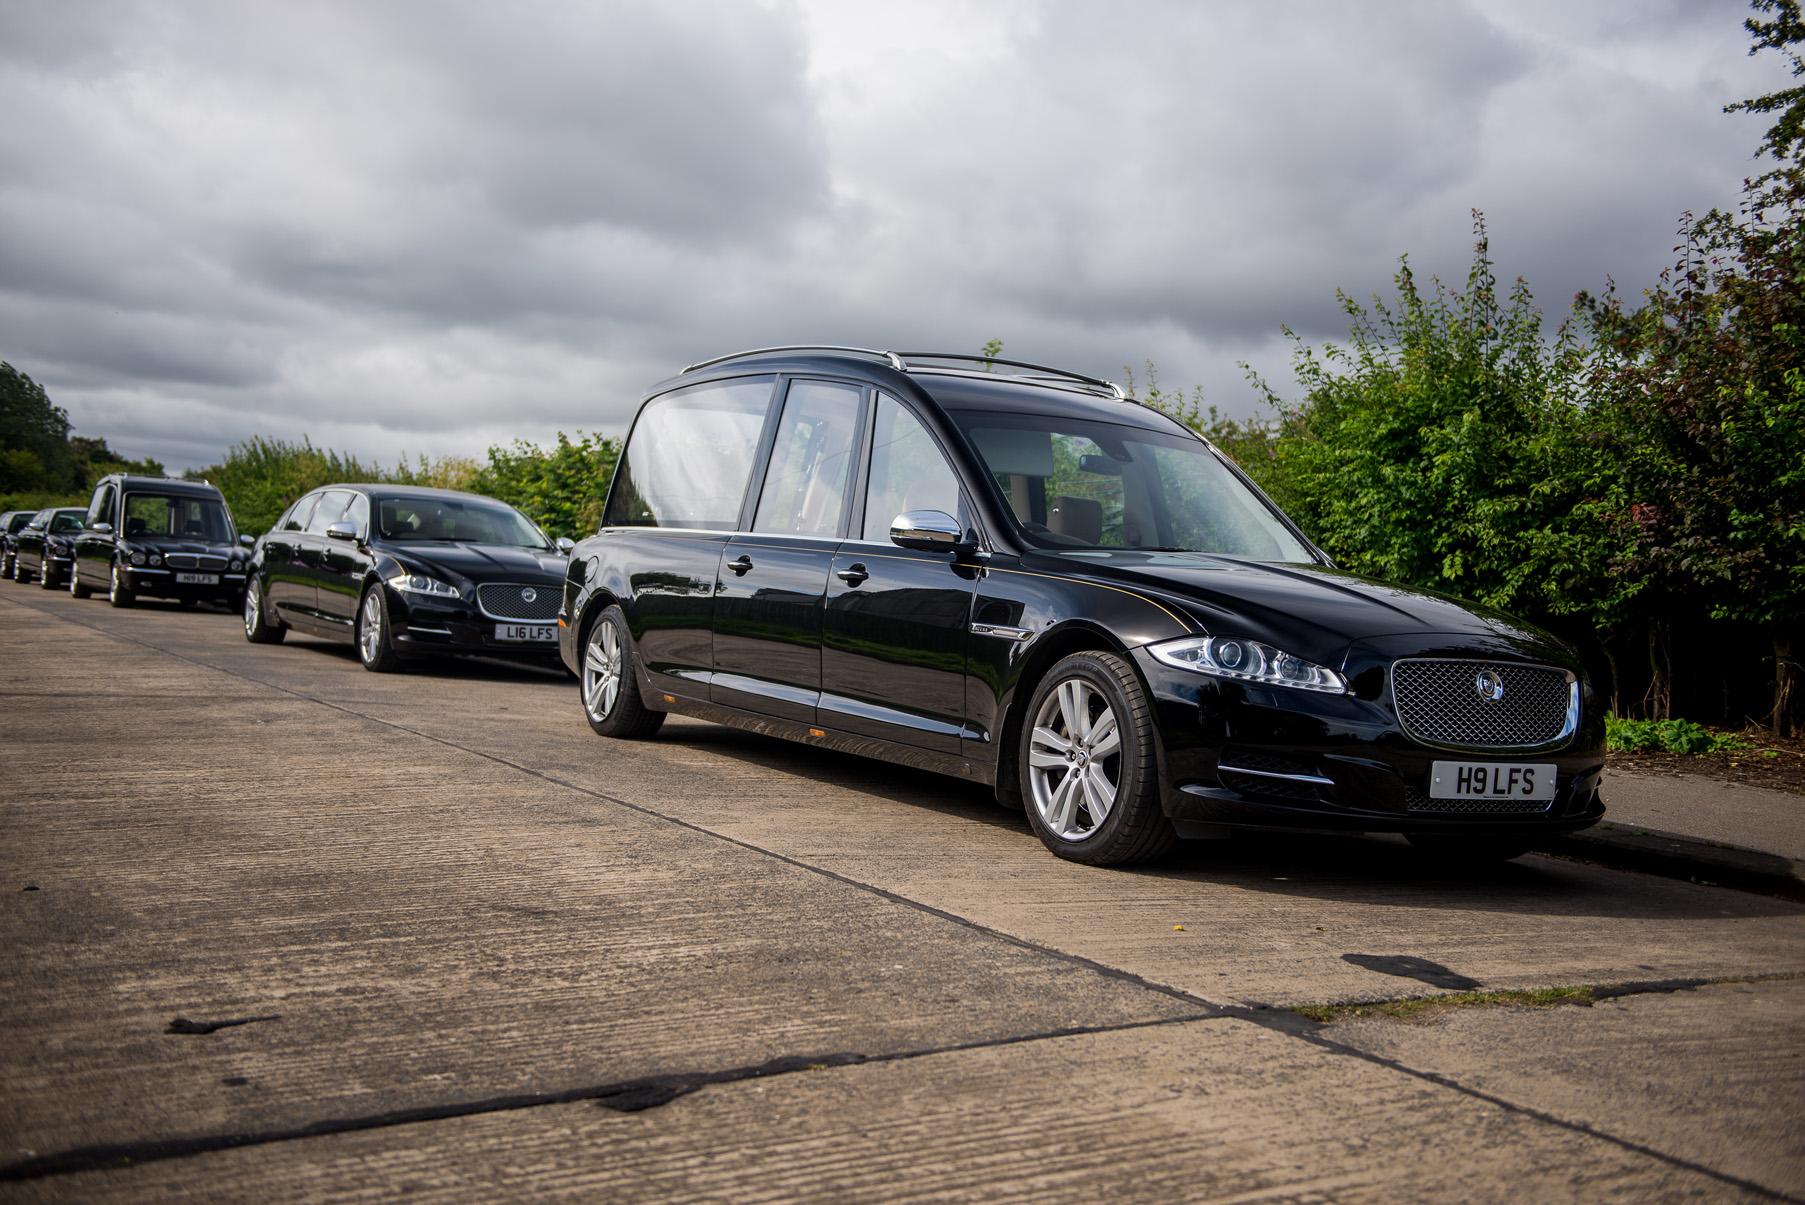 Lamb's Funerals Jaguar hearse